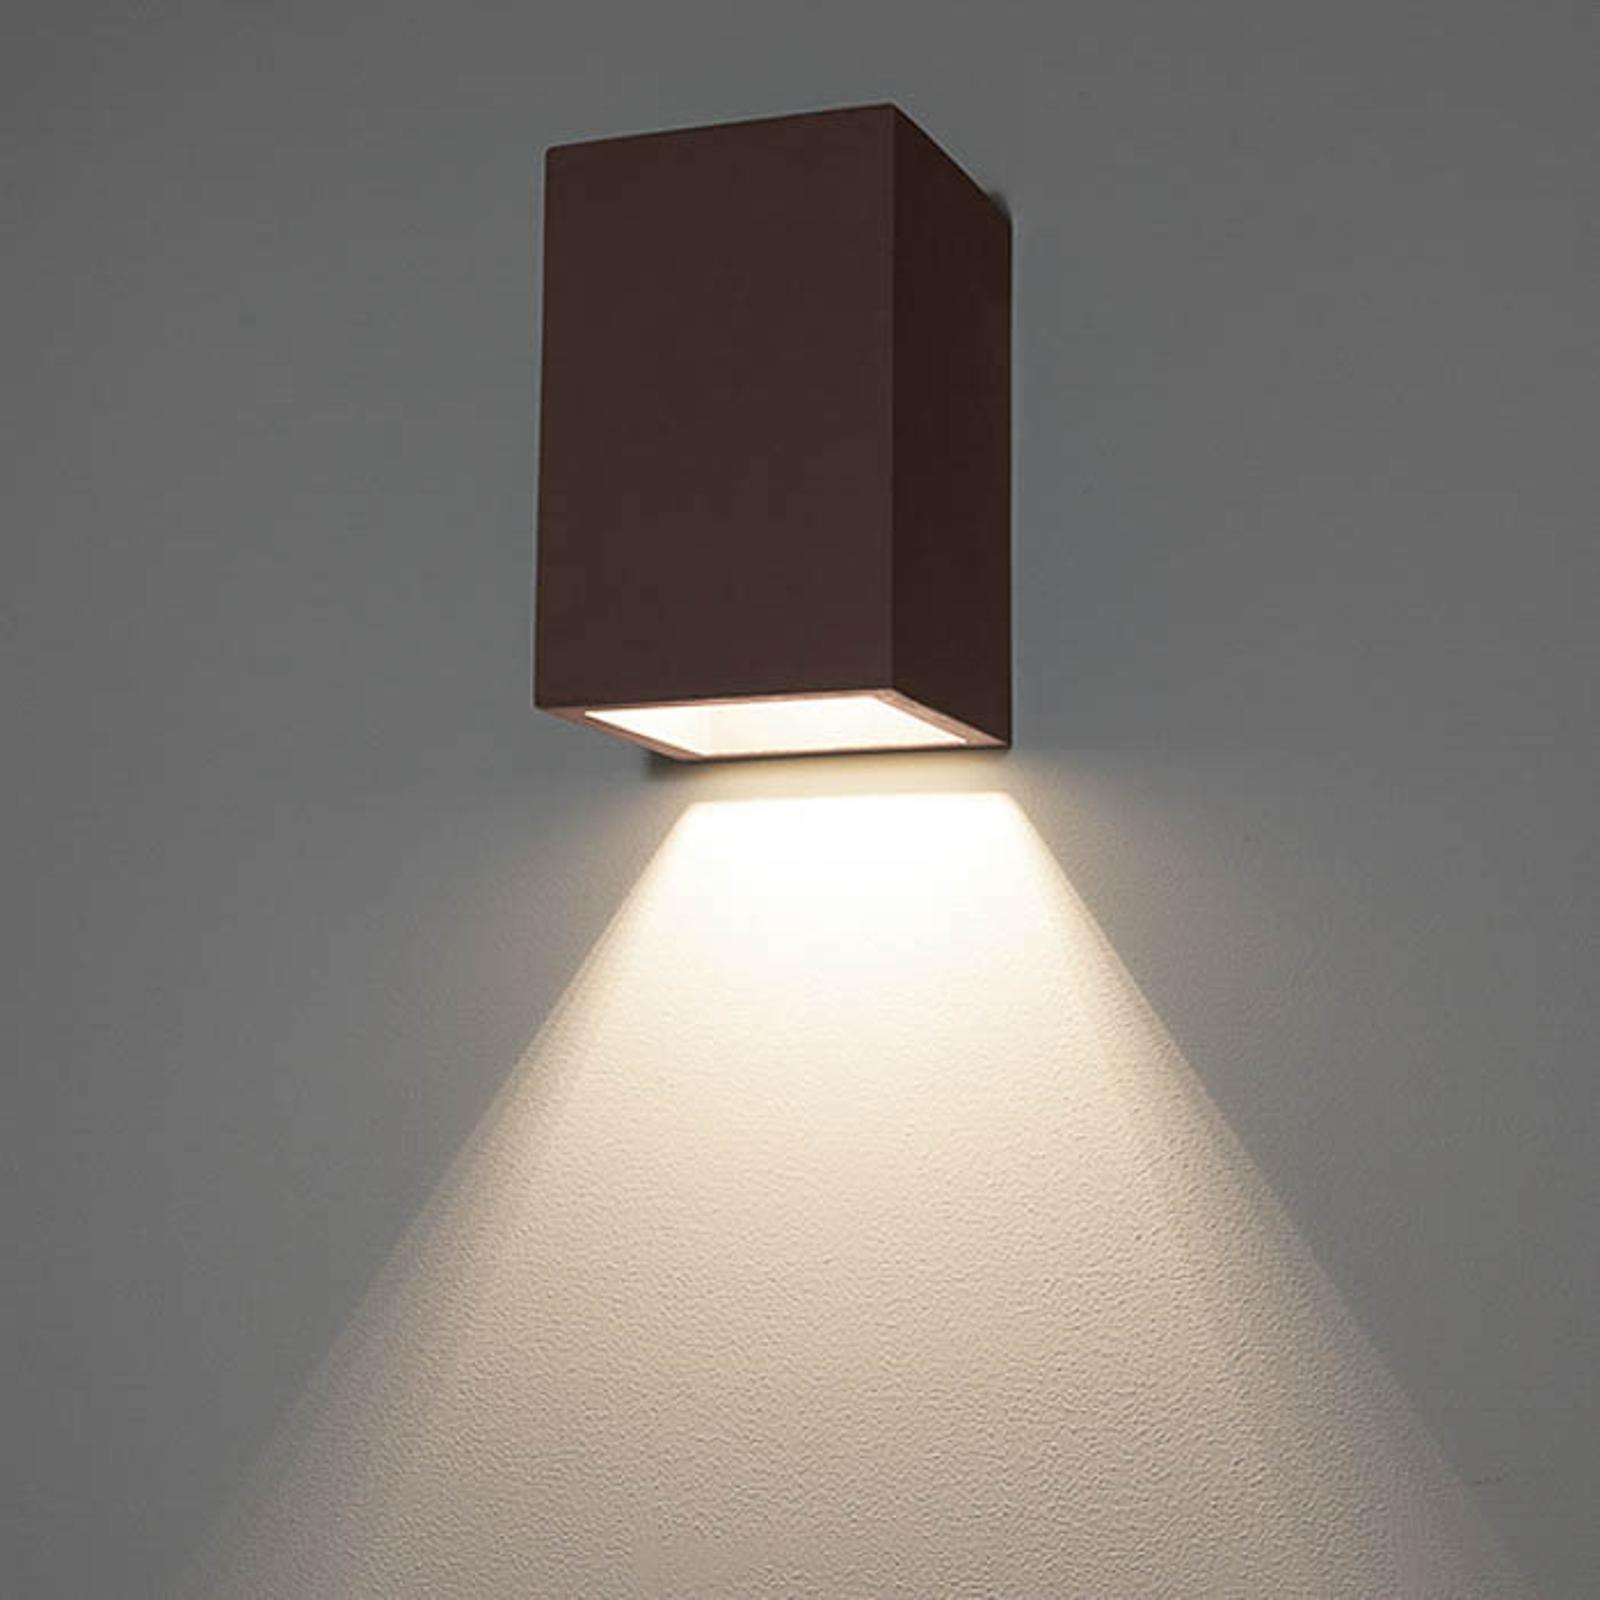 LED-Außenwandlampe 1097 abwärts strahlend, schwarz